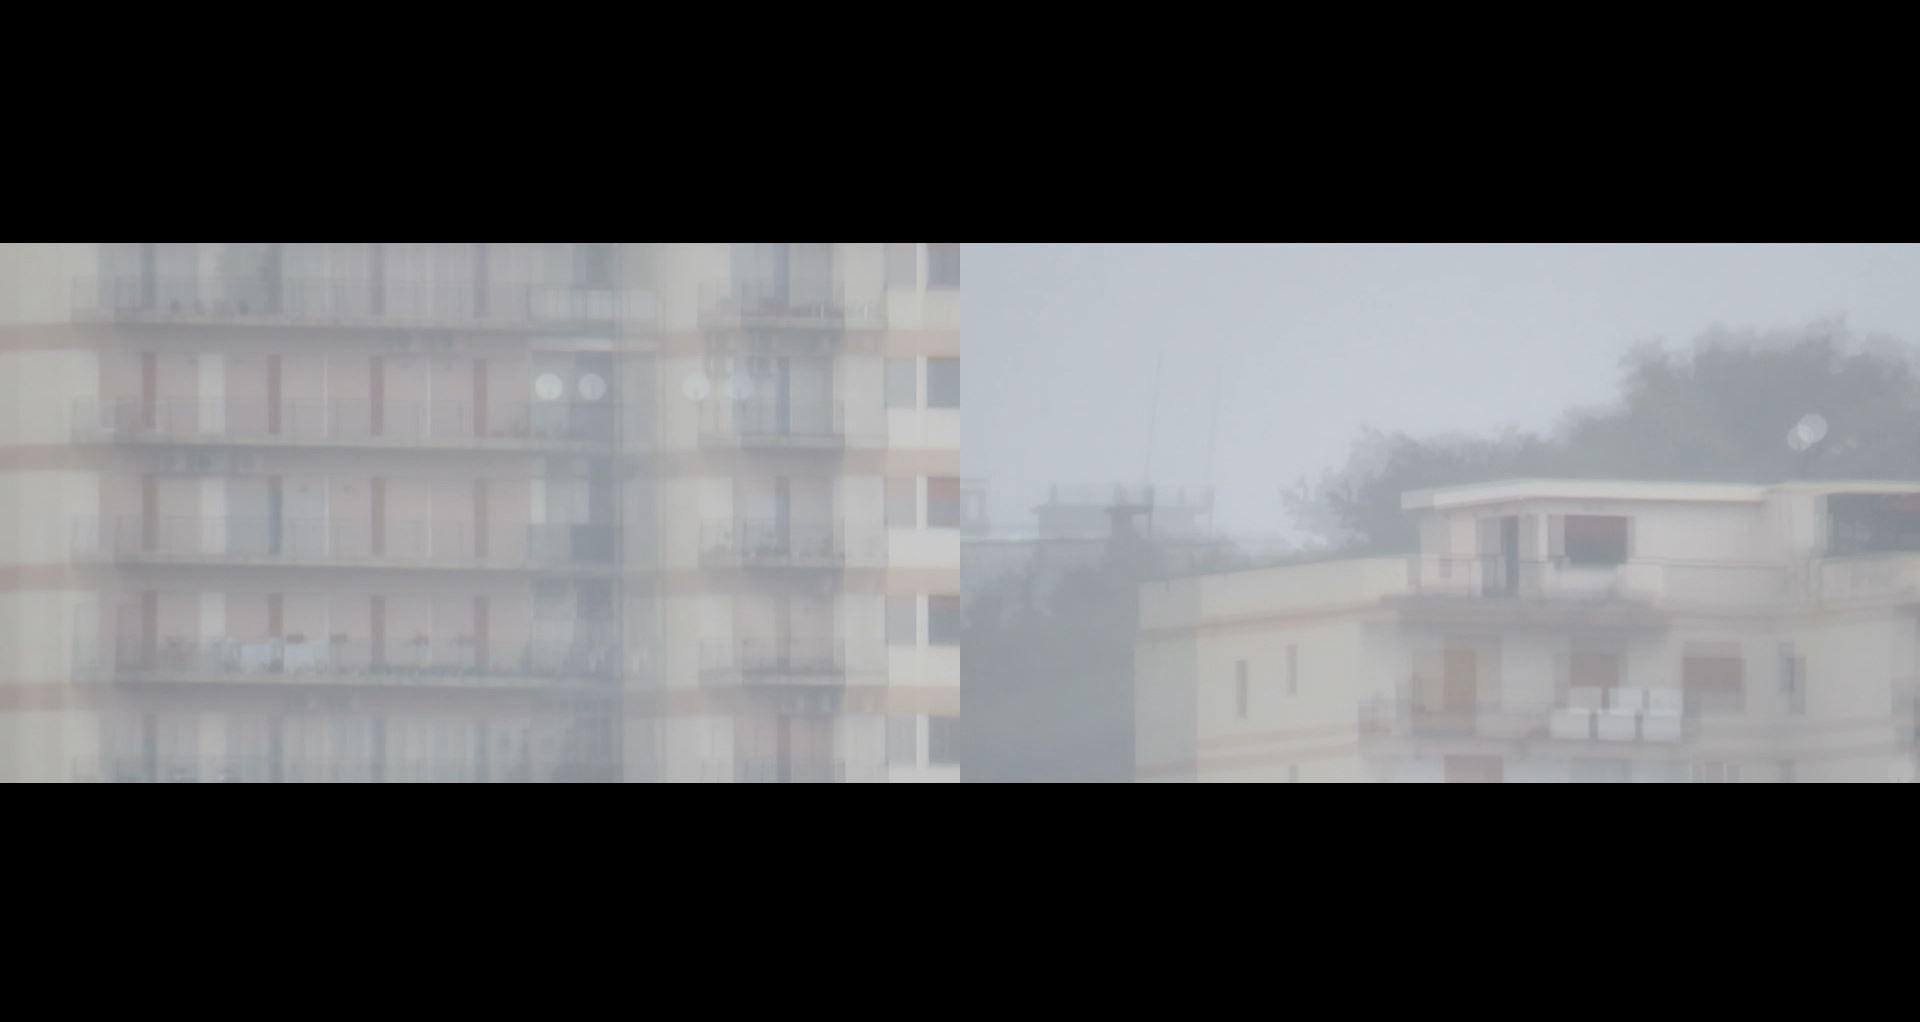 Celina Moscuzza, Homo condomini lupus II, videoinstallazione, sonoro, dimensioni variabili, 2020